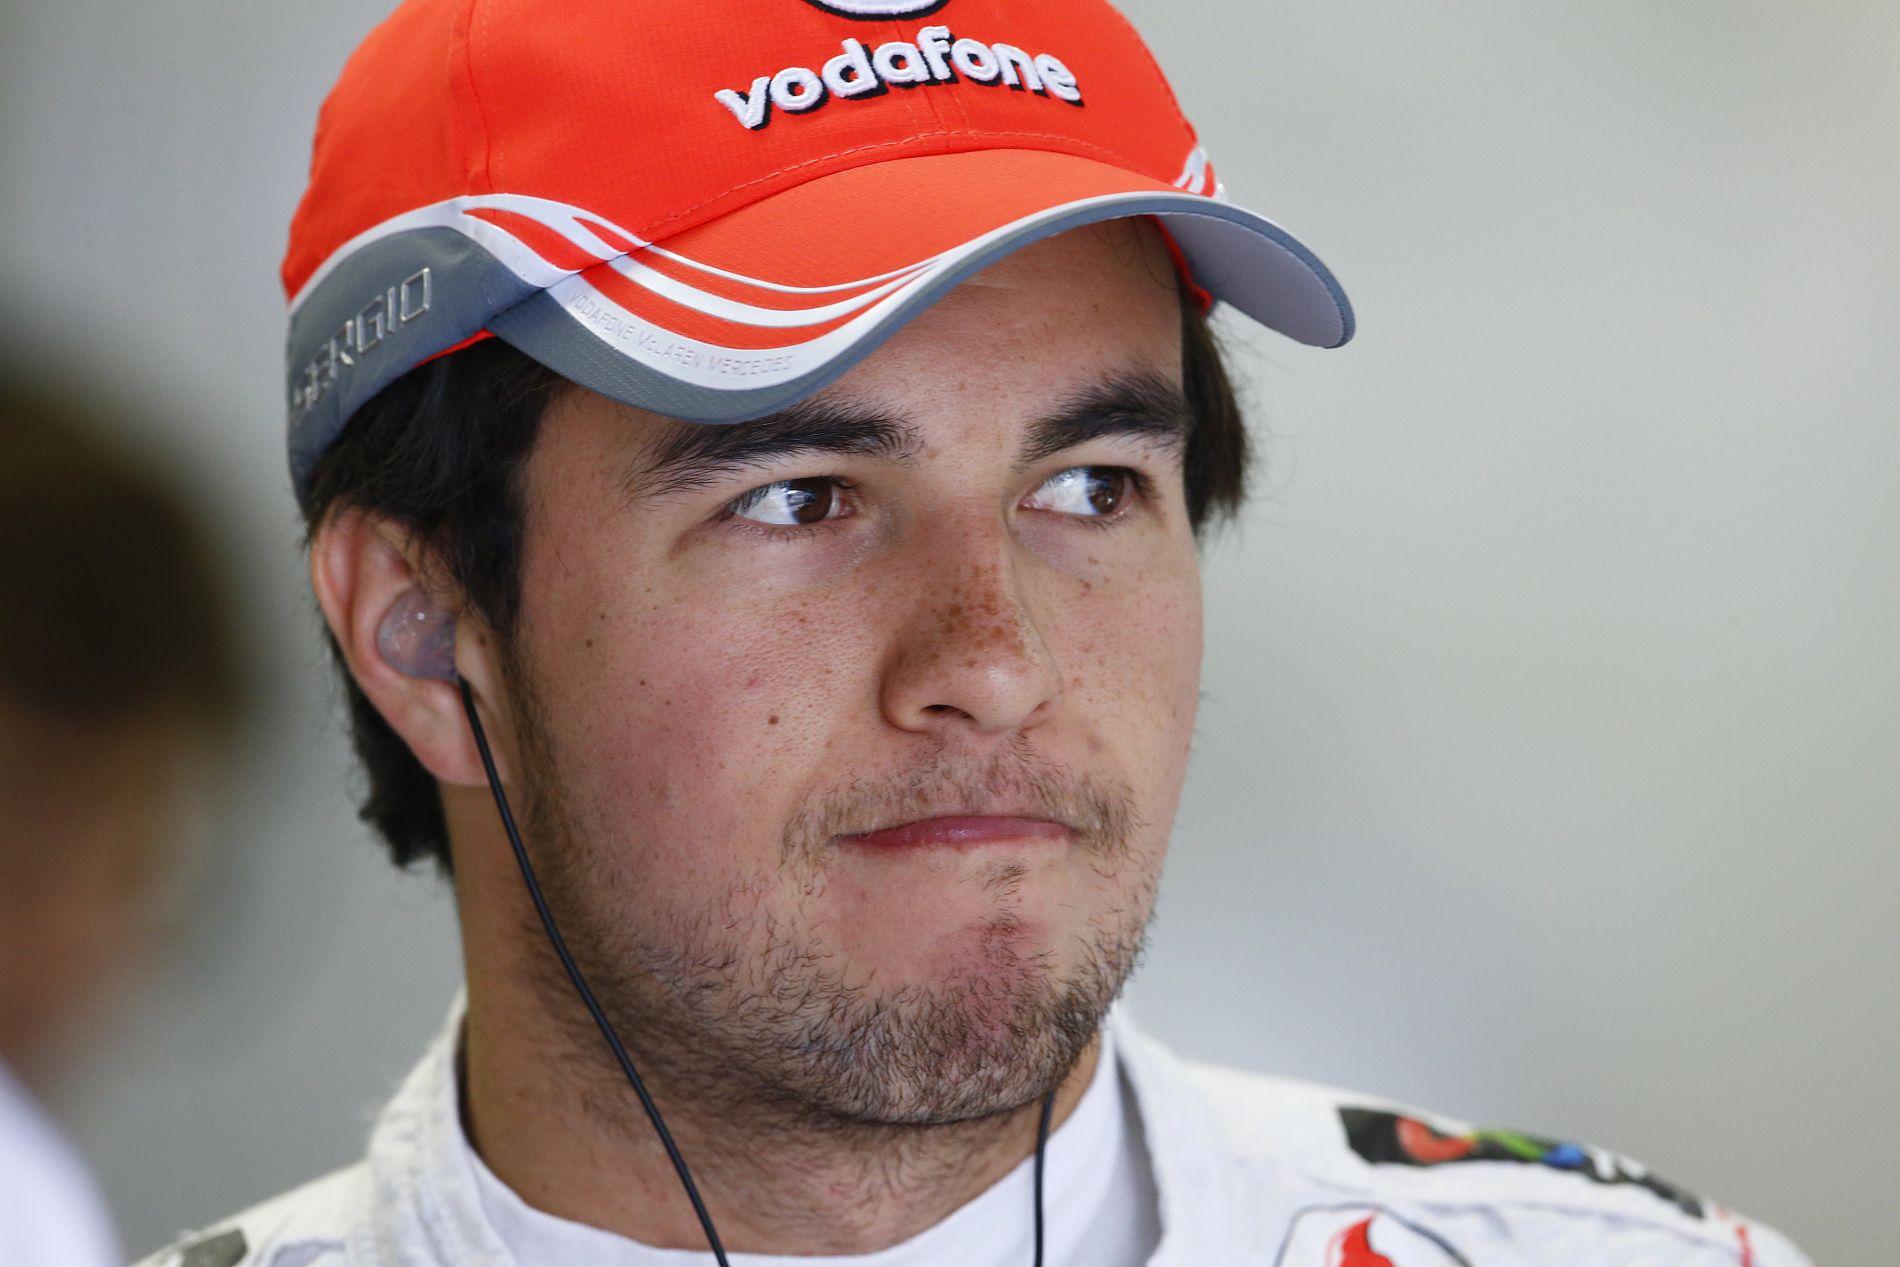 Az autó nagyon rossz lehet a McLarennél, mert Alonso és Button két remek versenyző